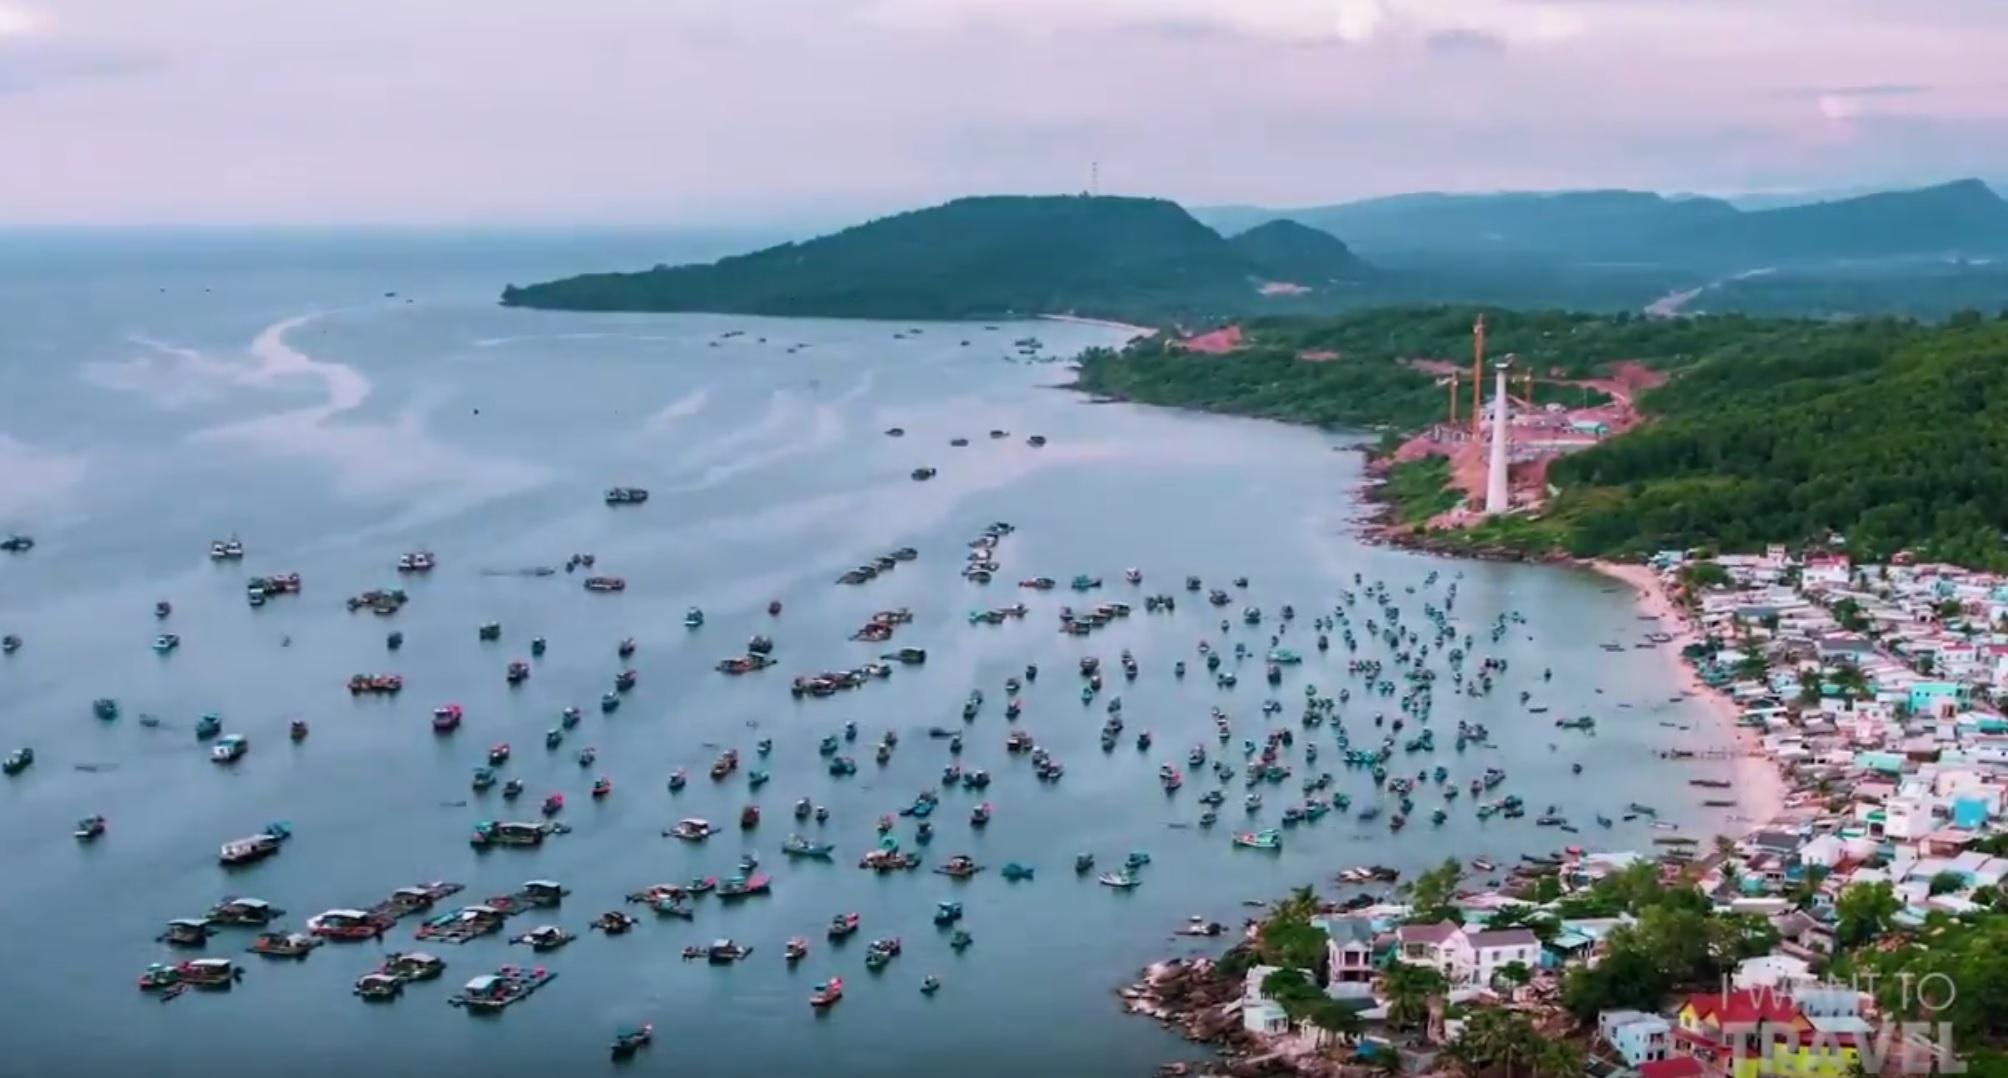 Suốt ngày đi Thái, đi Hàn, bạn có đang bỏ lỡ một Việt Nam đẹp xuất sắc như trong clip? - Ảnh 10.